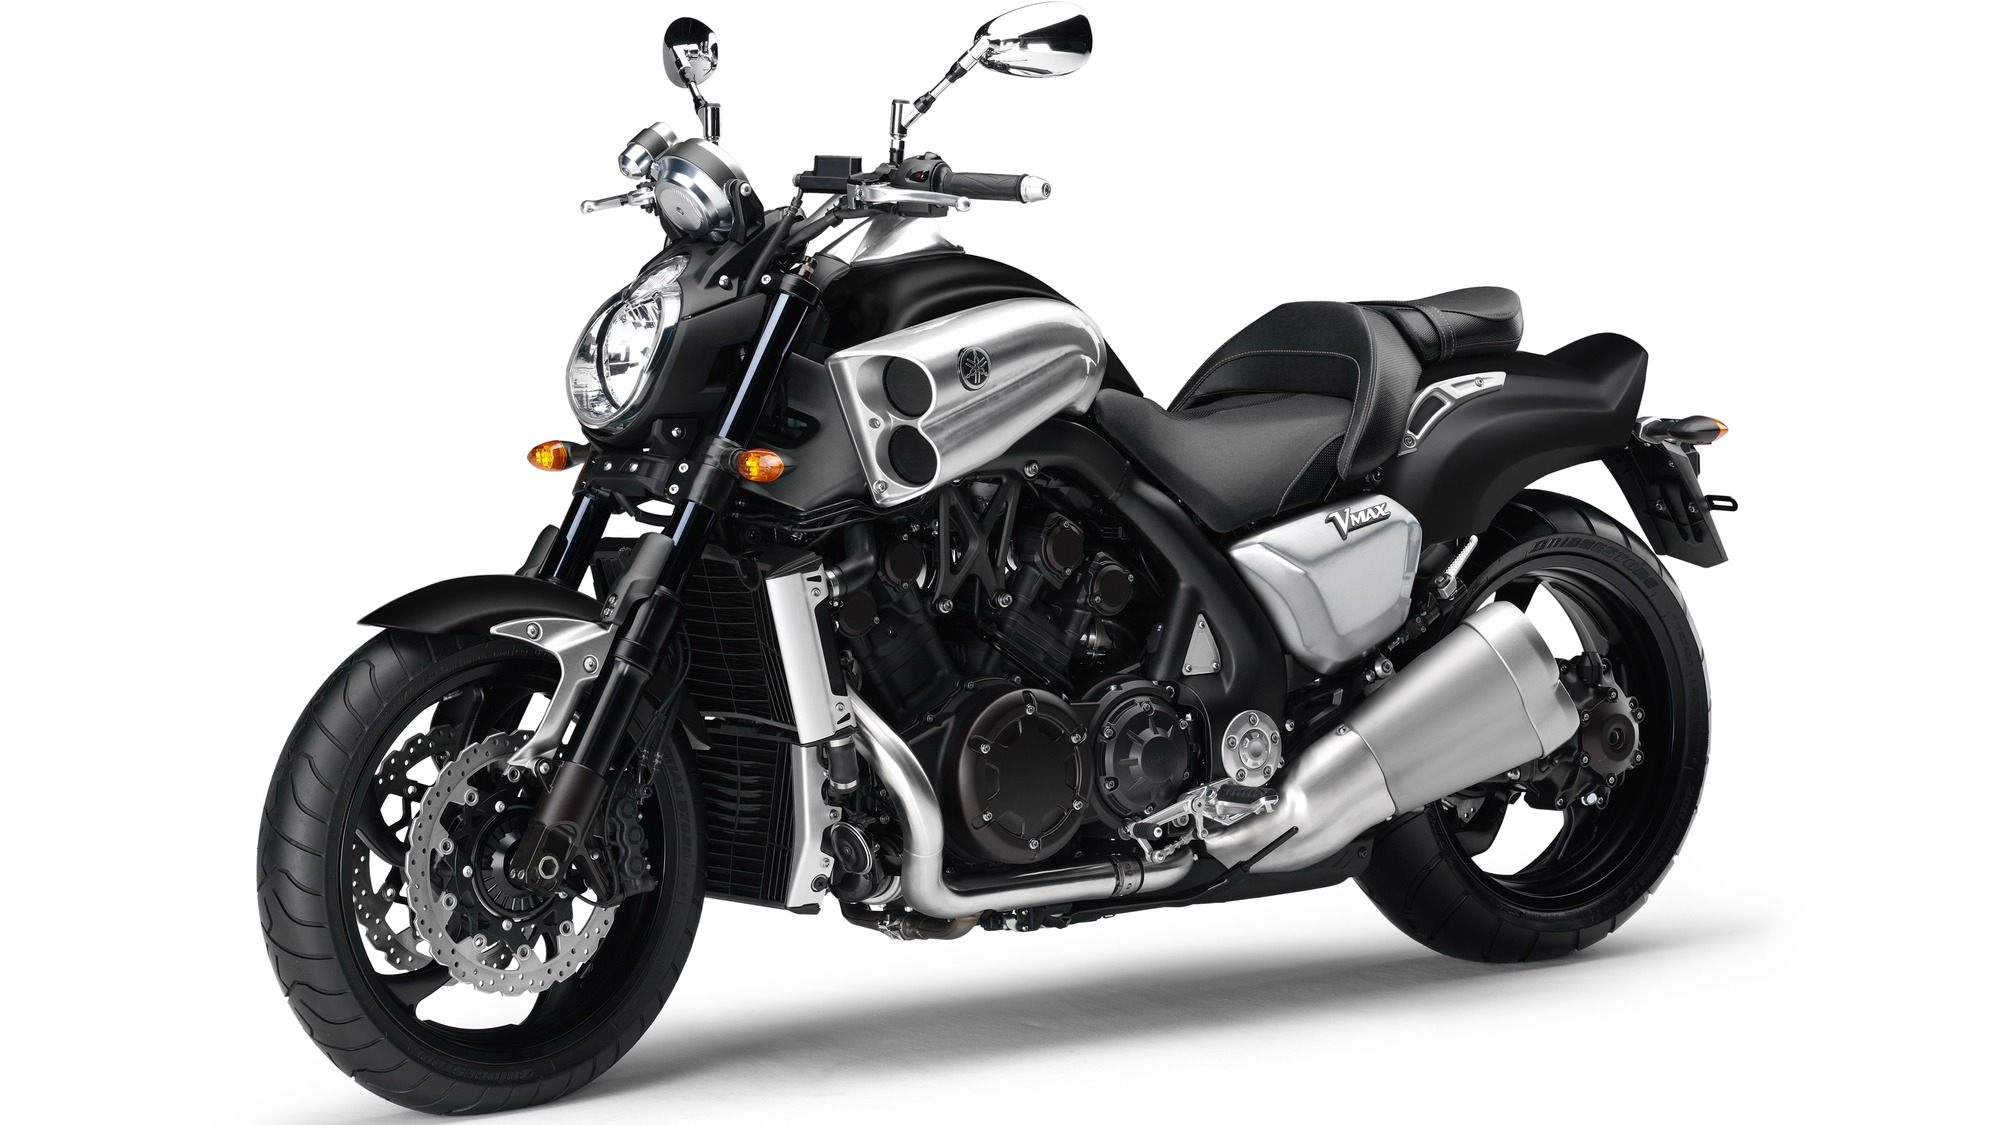 Yamaha Vmax 1700 Gauche